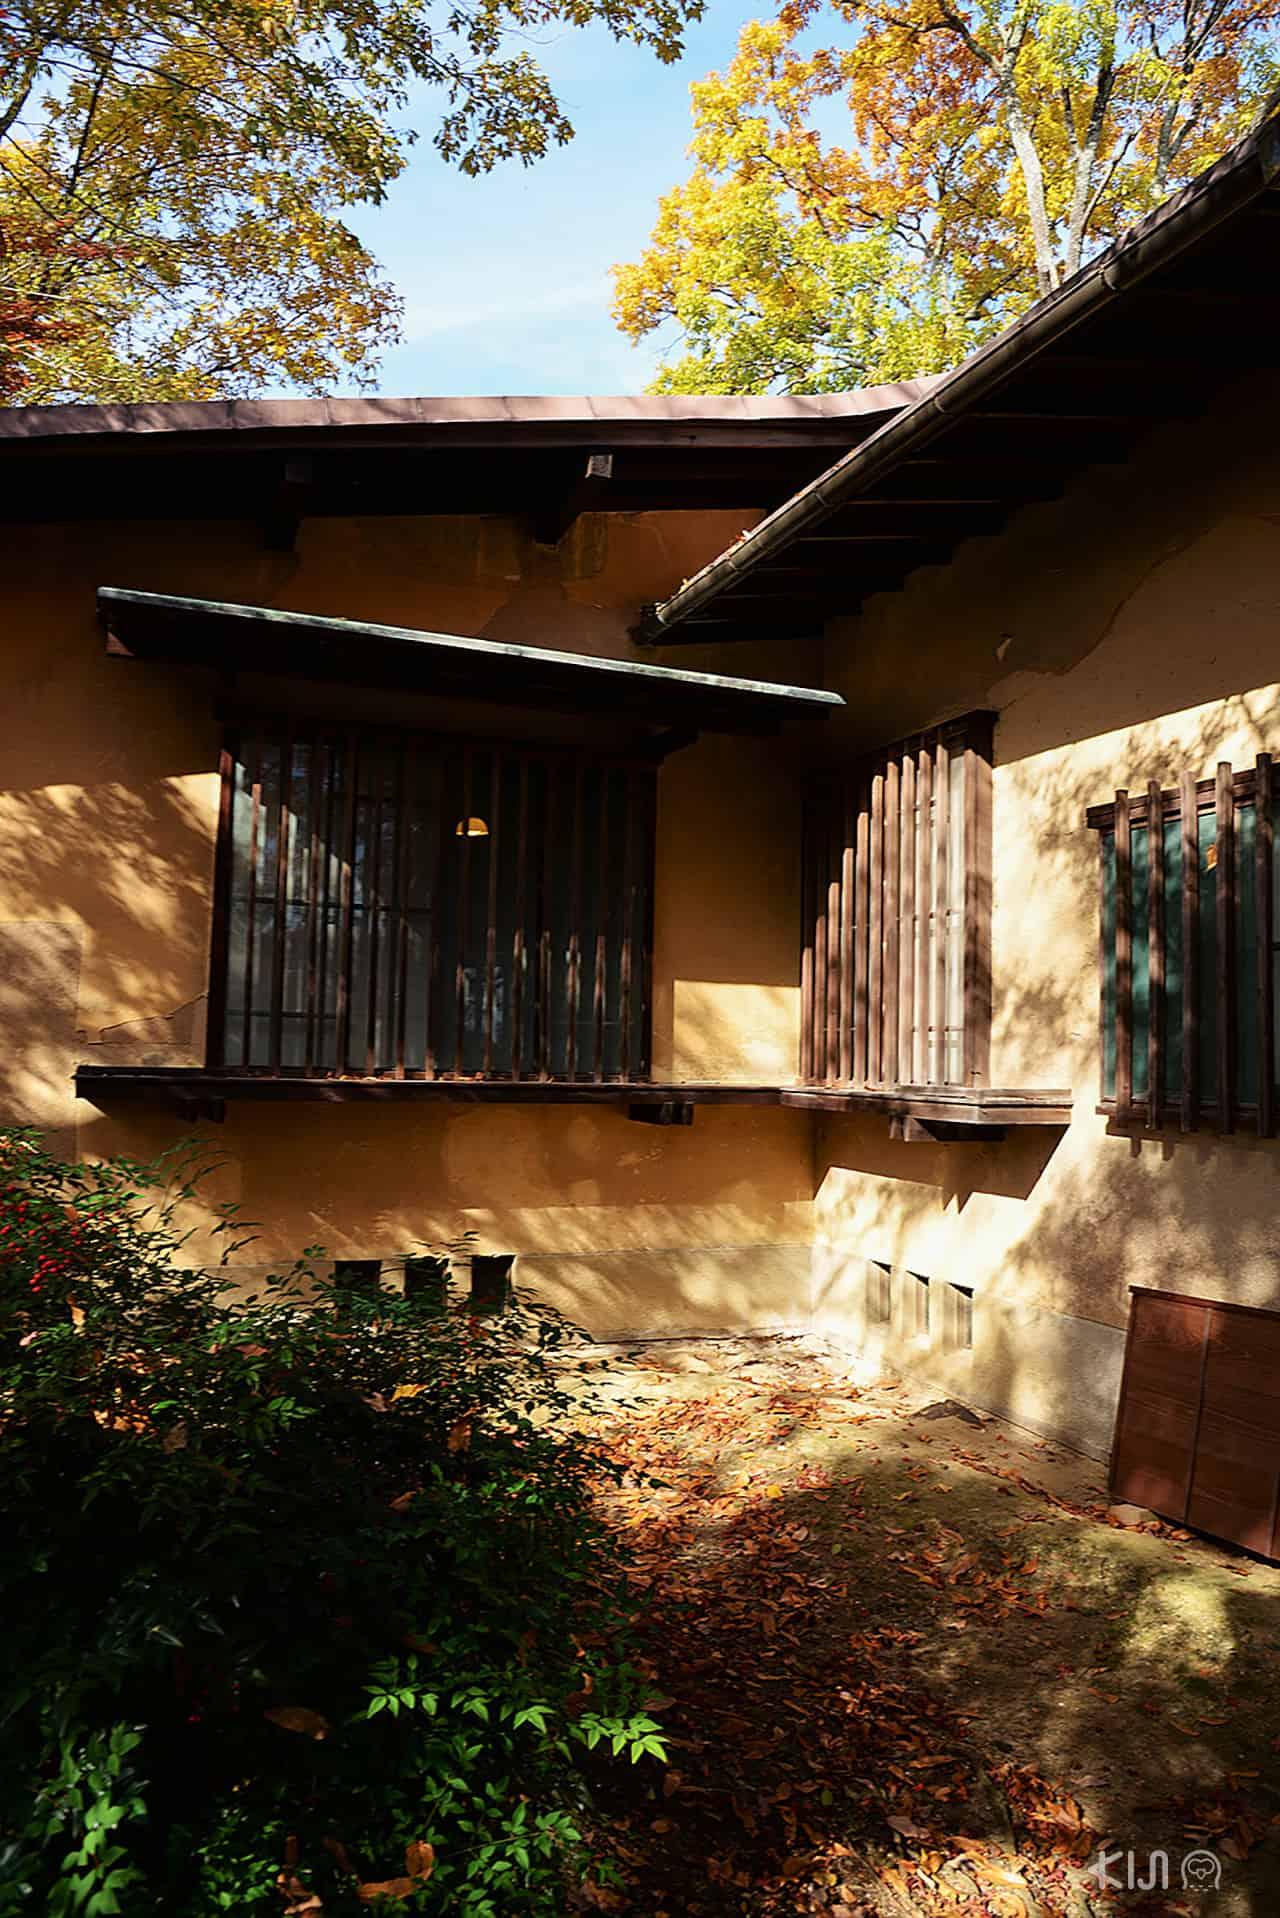 โชชิคุเคียว(Chochikukyo) มีการวางแนวบ้านให้มีลักษณะขวางตะวัน เพื่อรับแสงแดดพร้อมความอบอุ่นจากอากาศเย็น